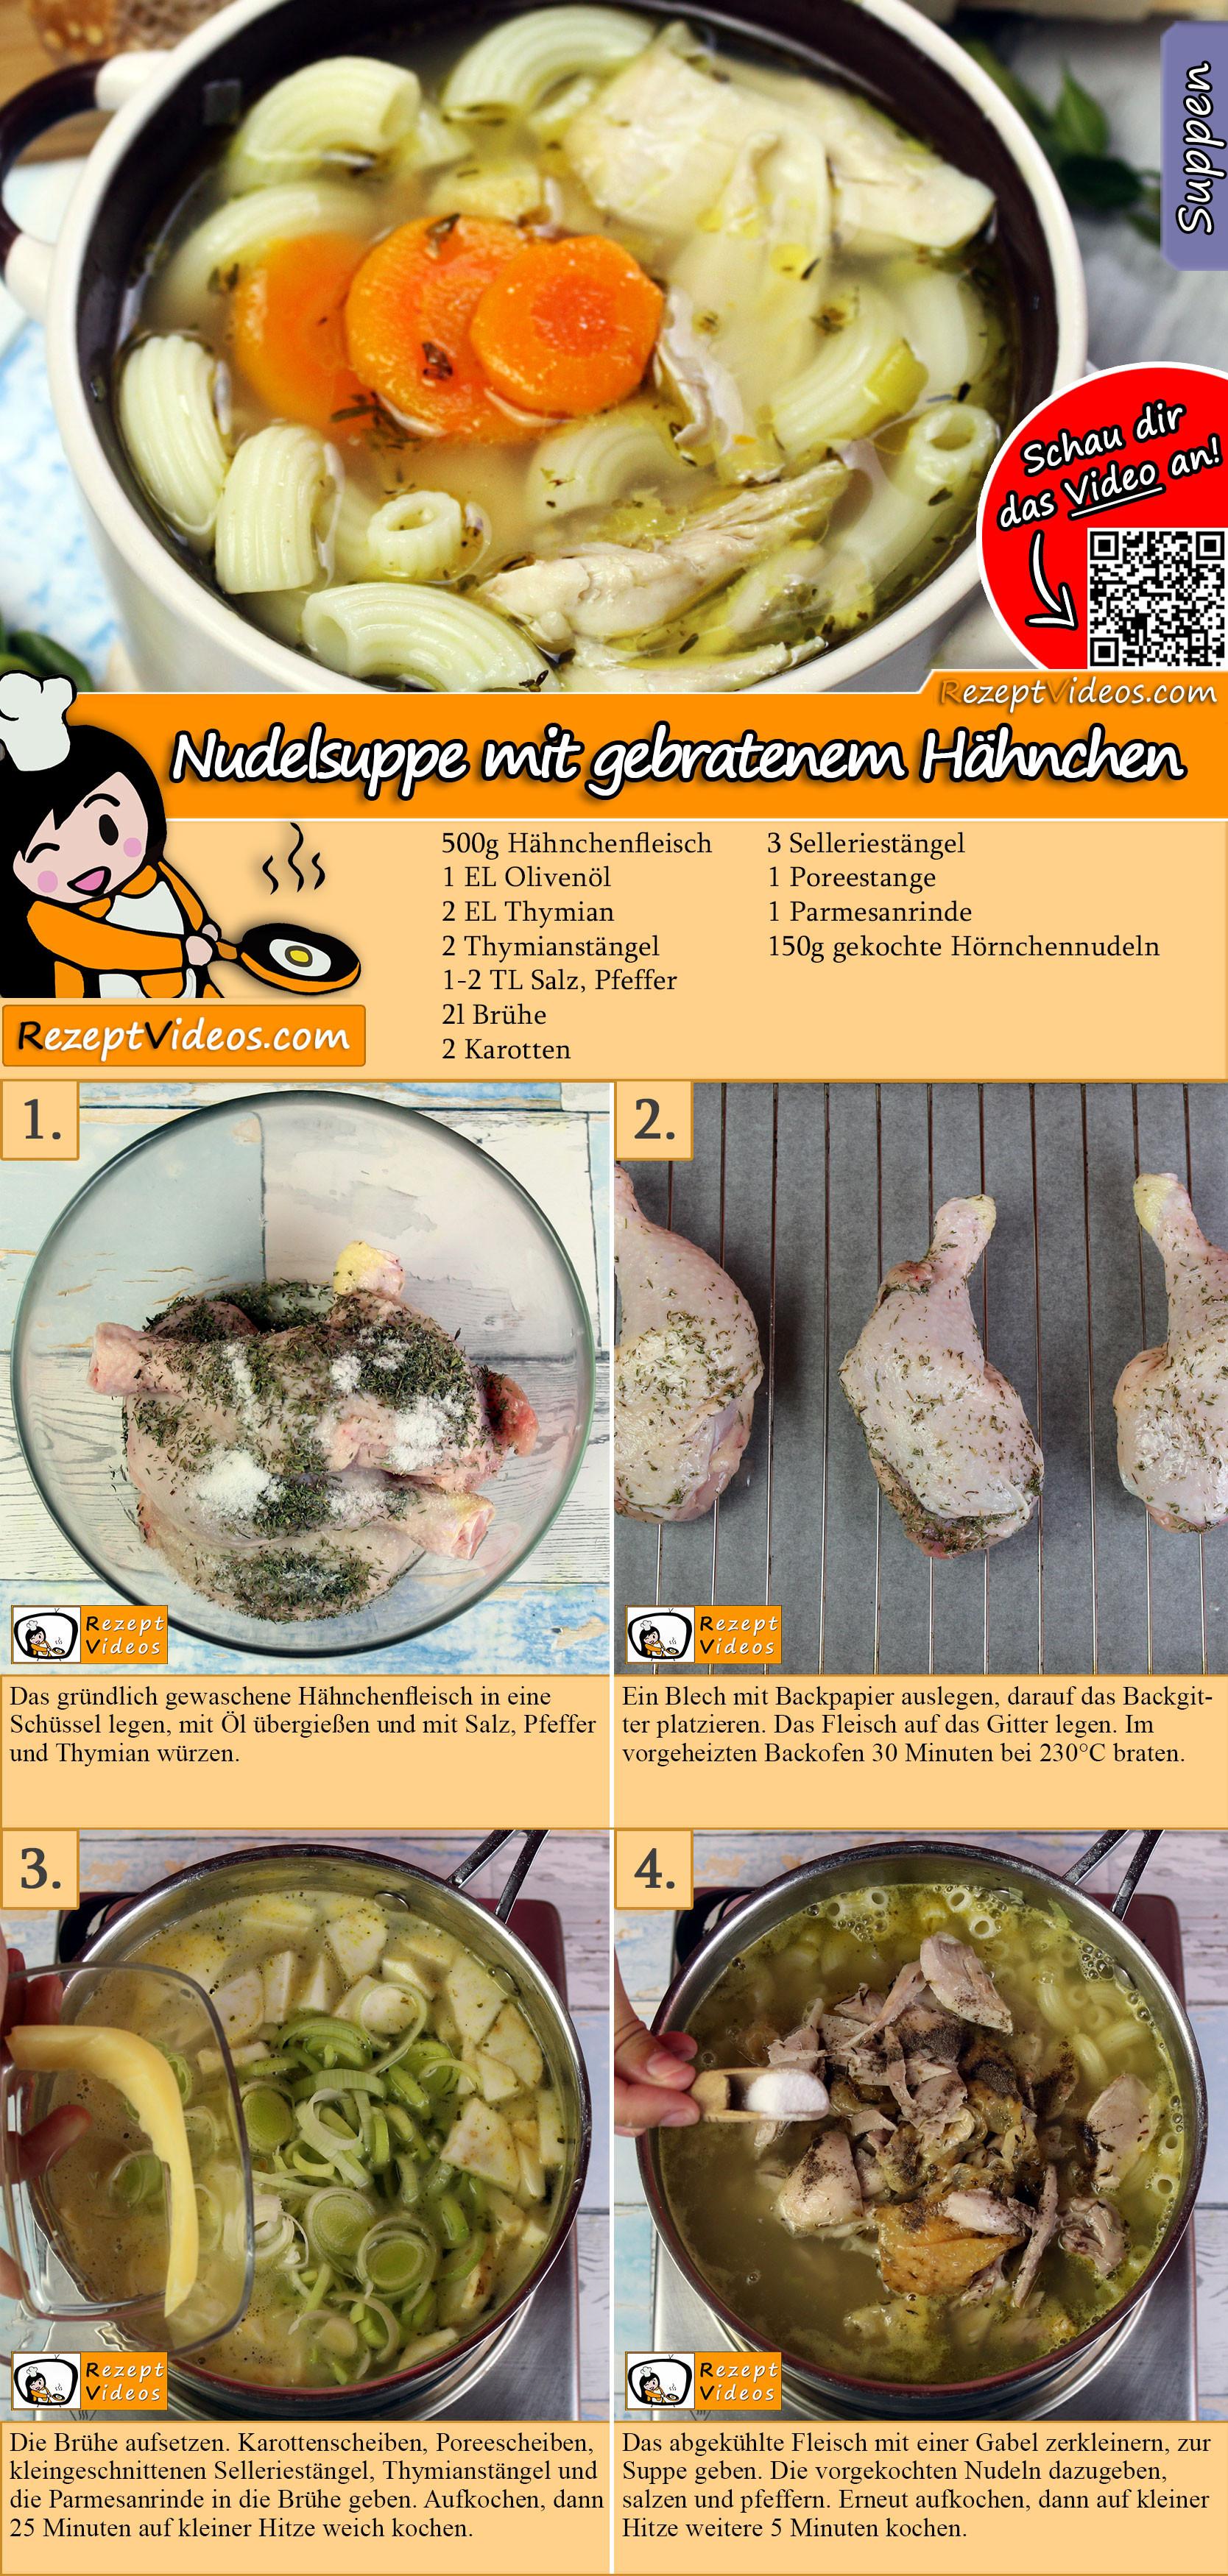 Nudelsuppe mit gebratenem Hähnchen Rezept mit Video